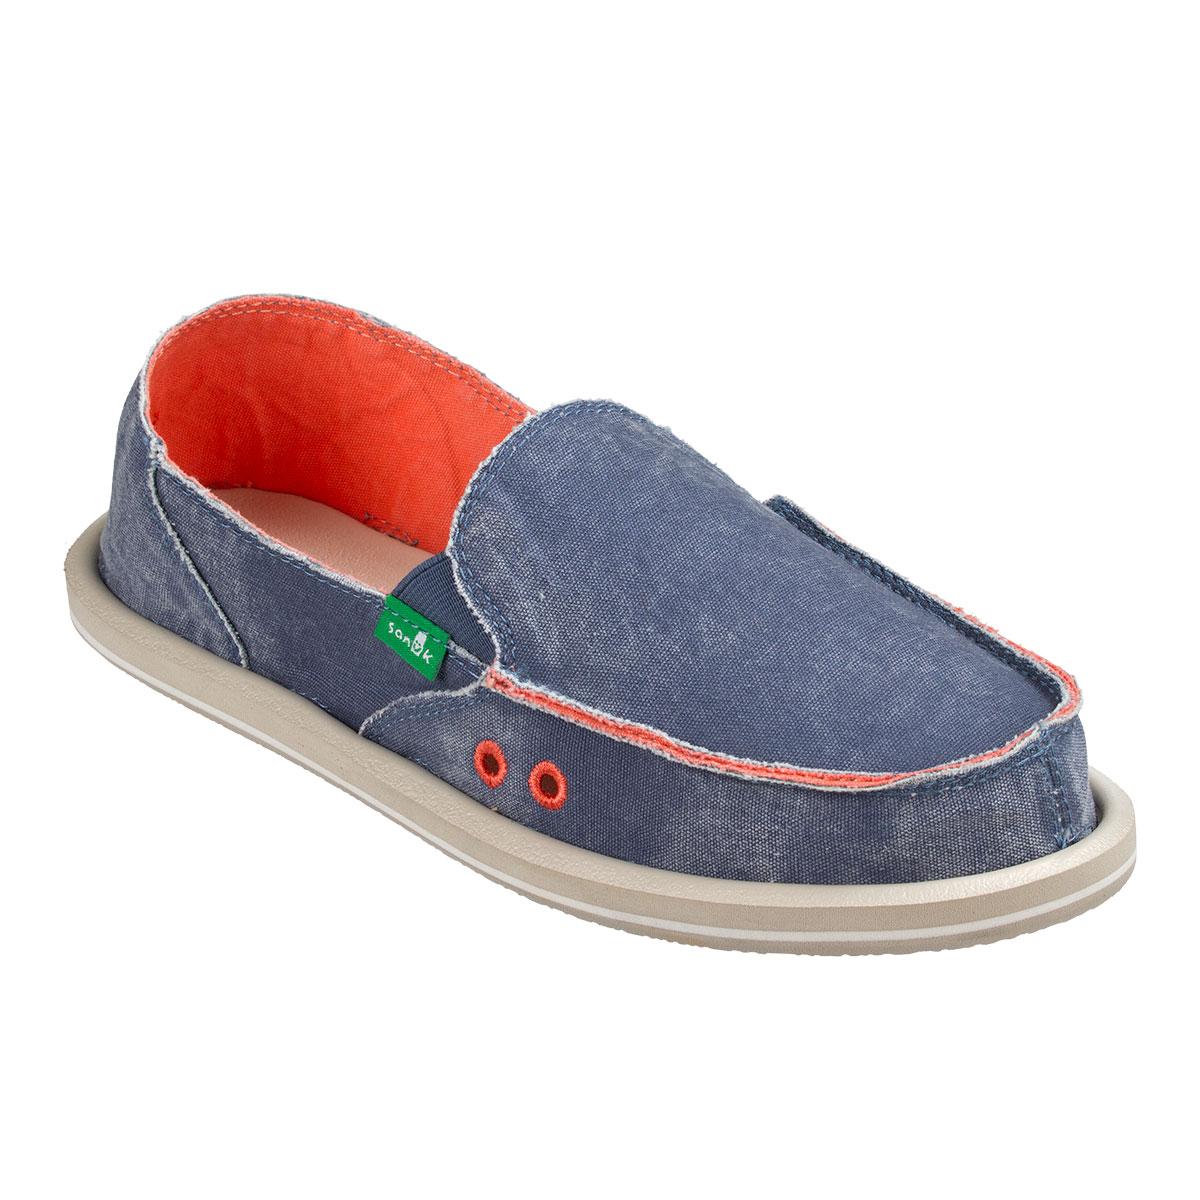 Sanuk women Distressed Women's shoes Slate bluee 6